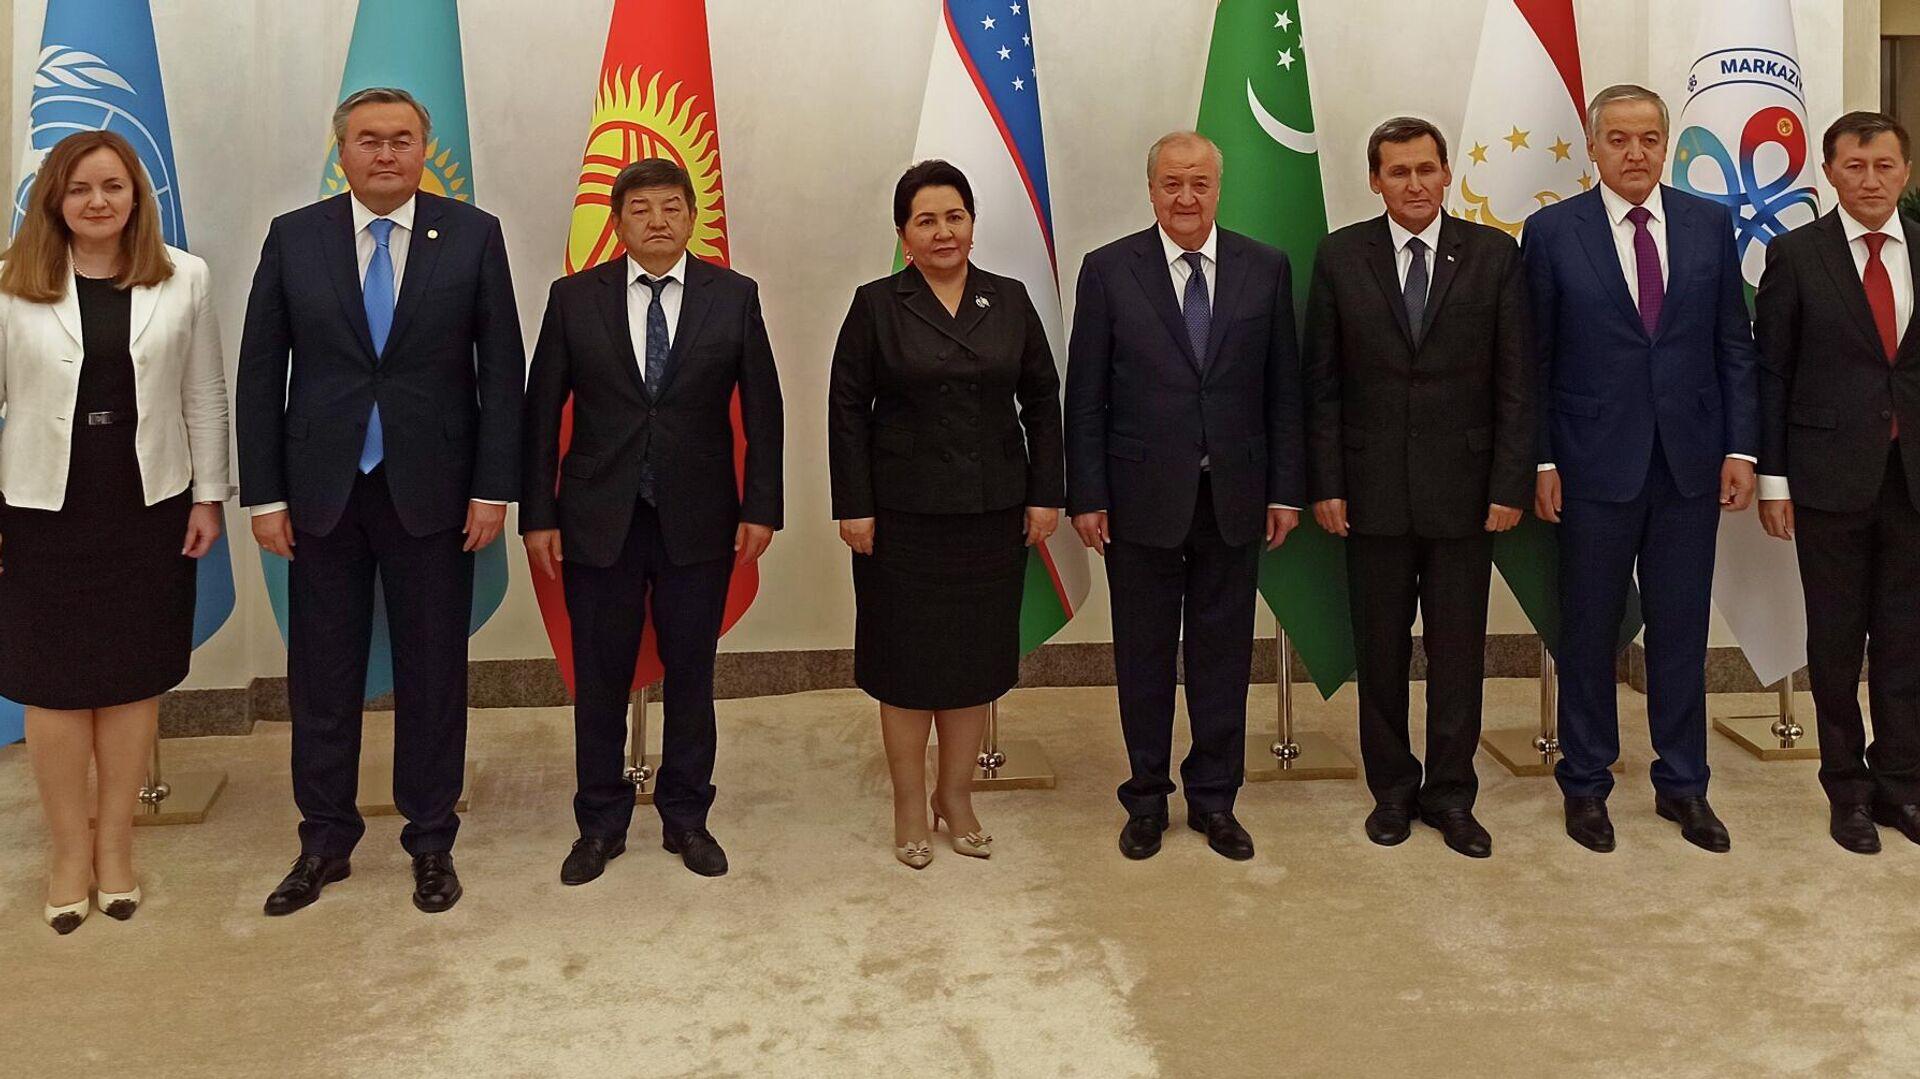 Церемония открытия международного института Центральной Азии в Ташкенте - Sputnik Узбекистан, 1920, 15.07.2021